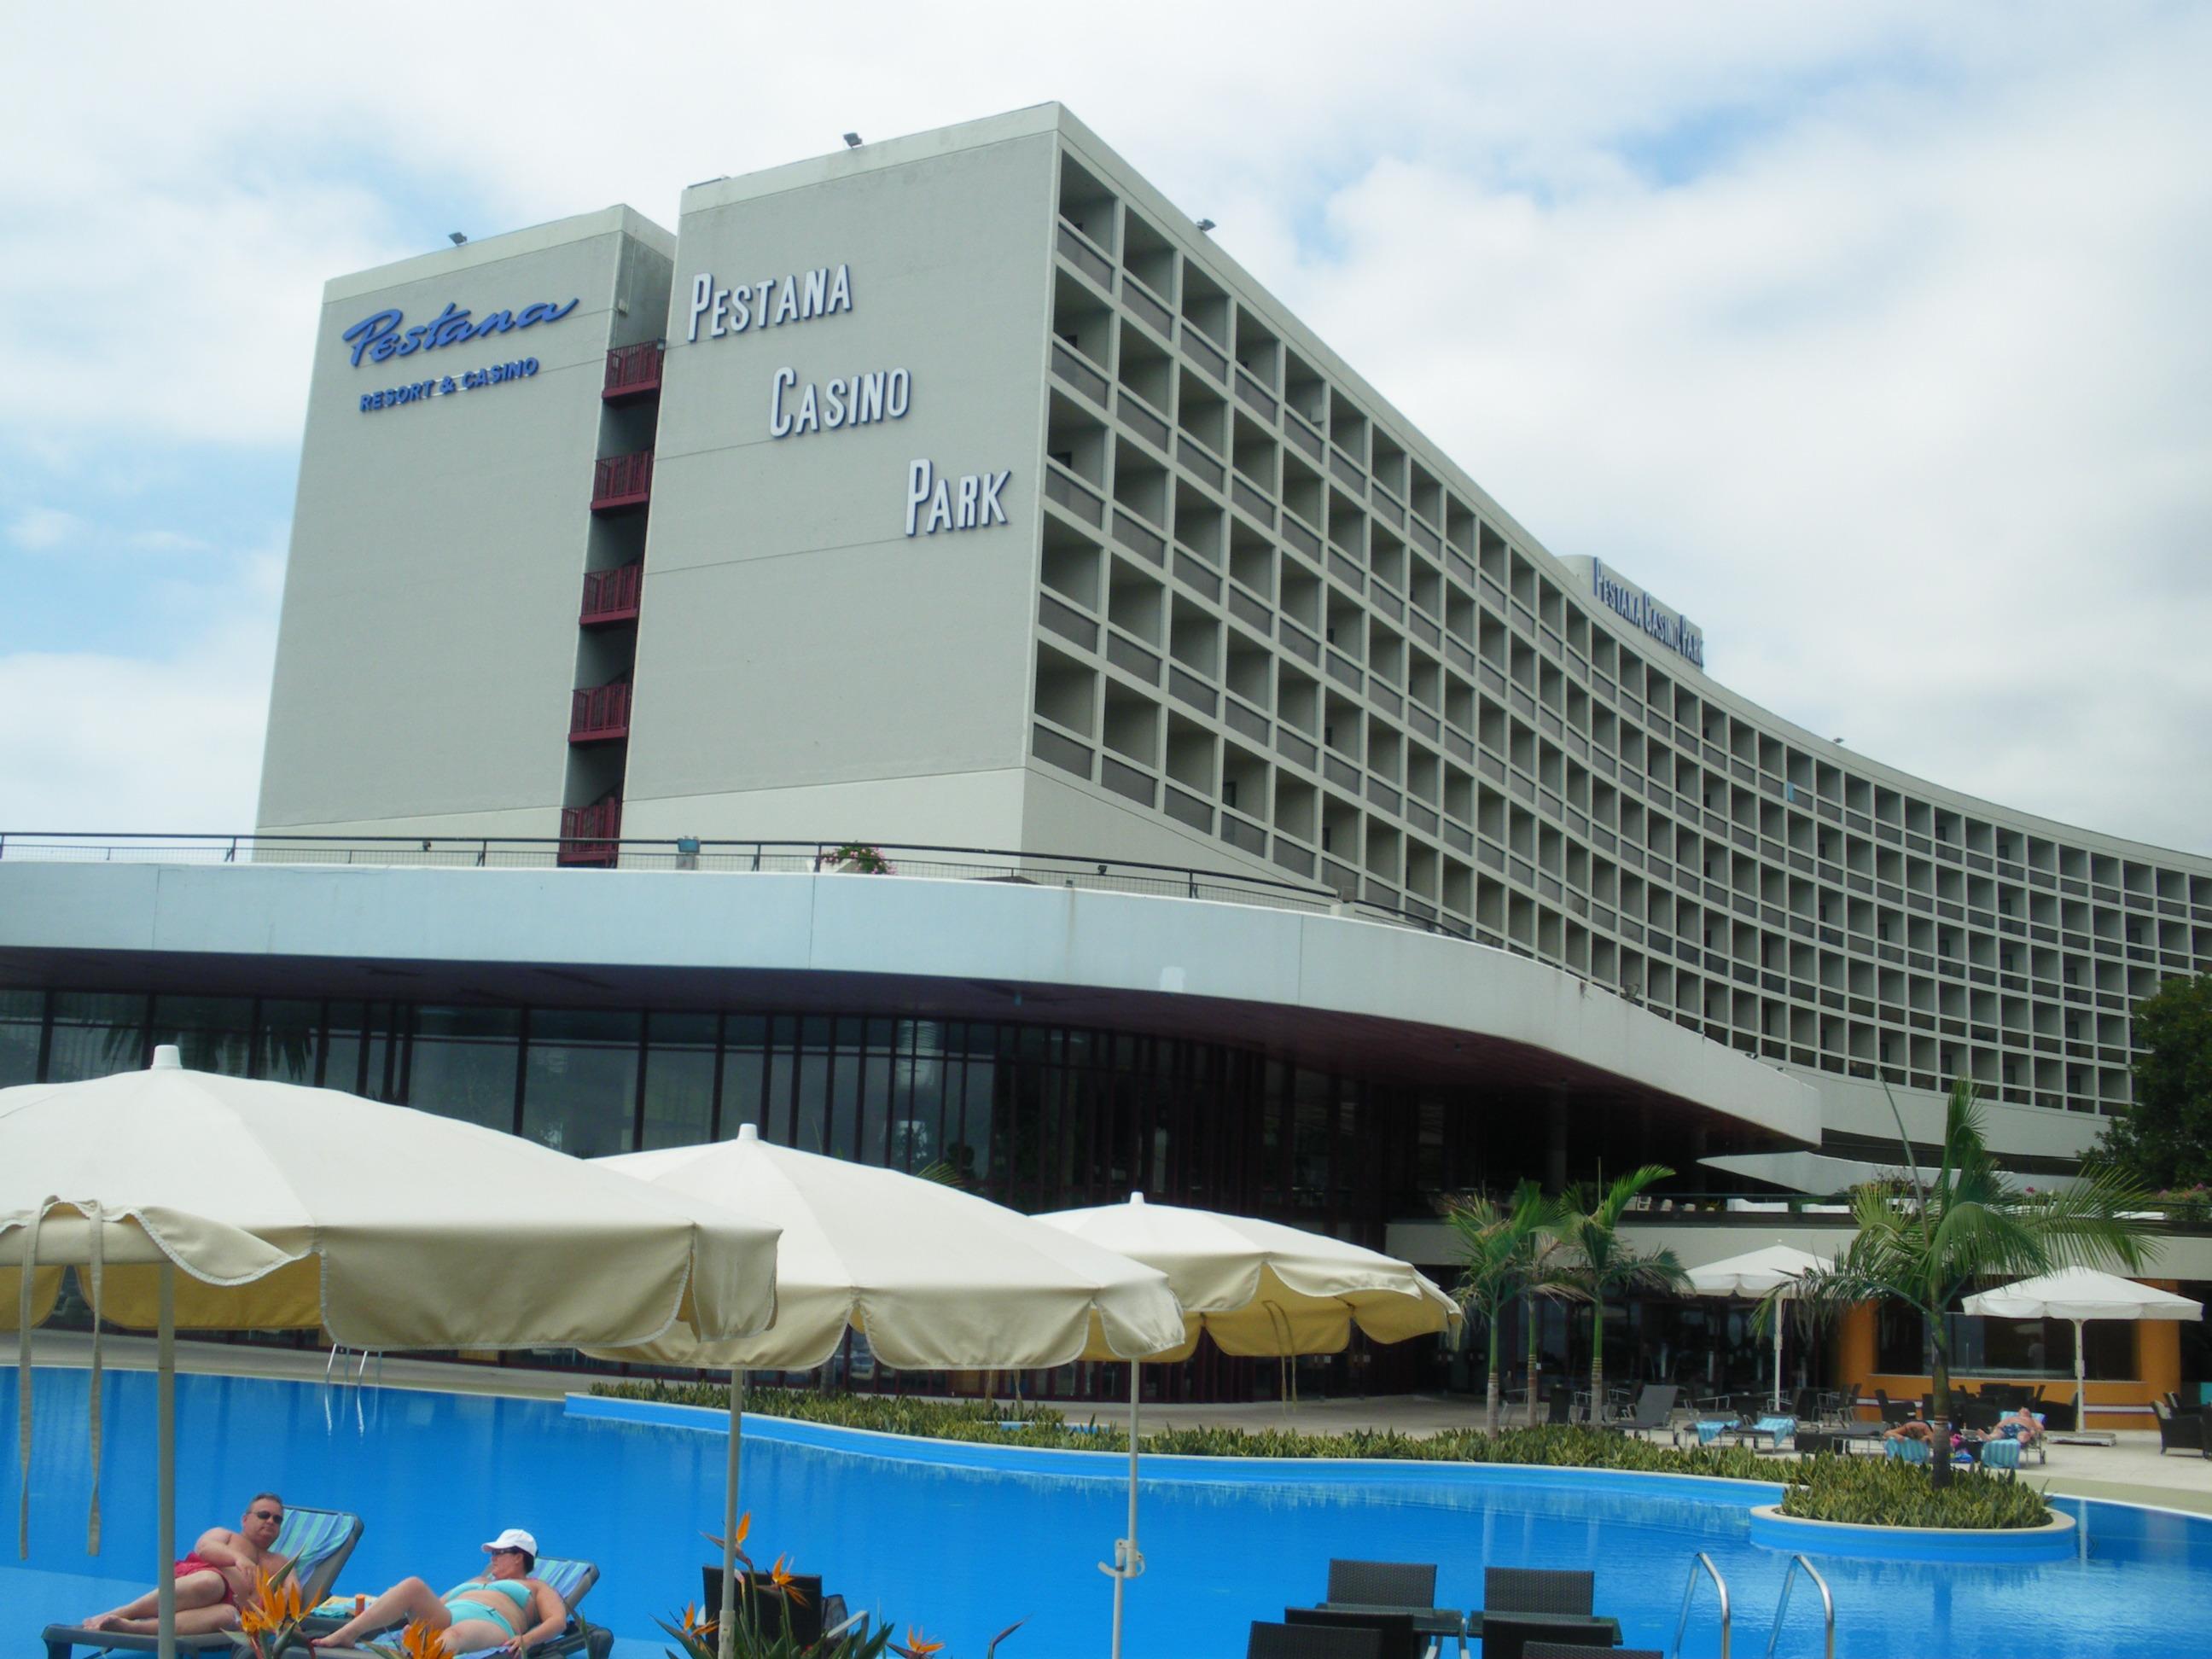 pestana casino park hotel madeira portugal